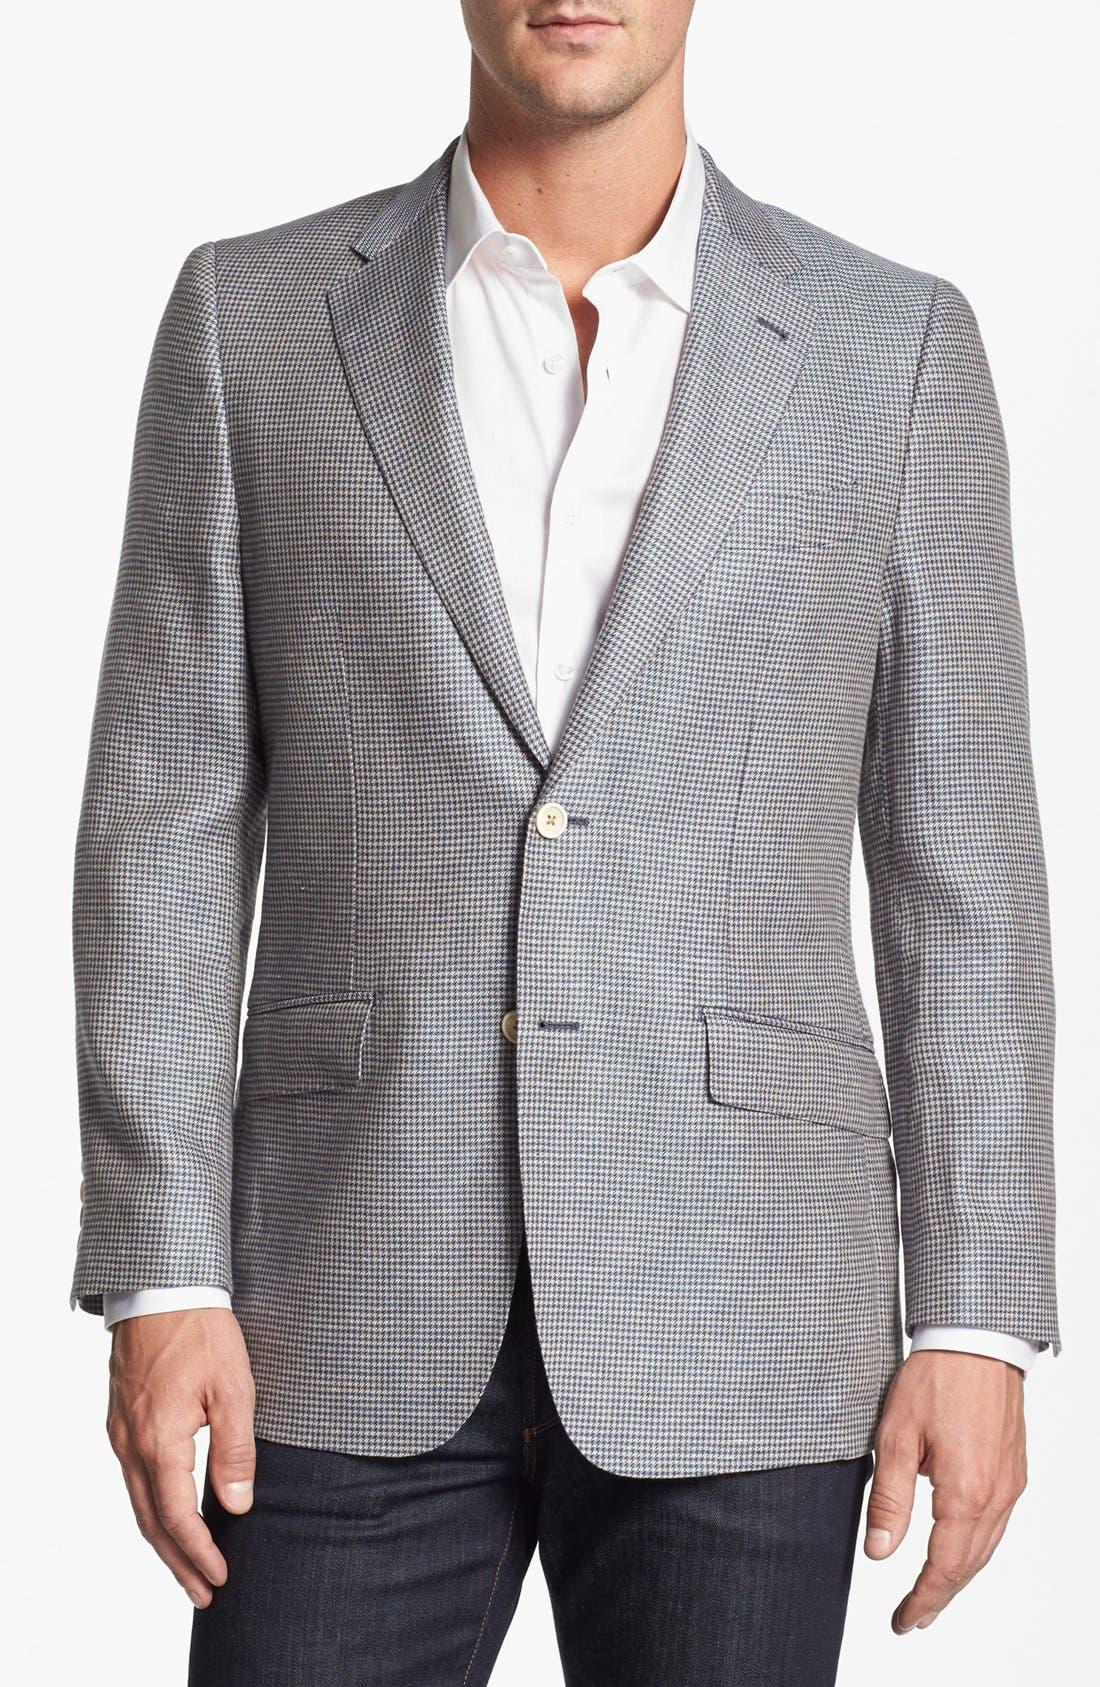 Alternate Image 1 Selected - Robert Talbott Linen Sportcoat